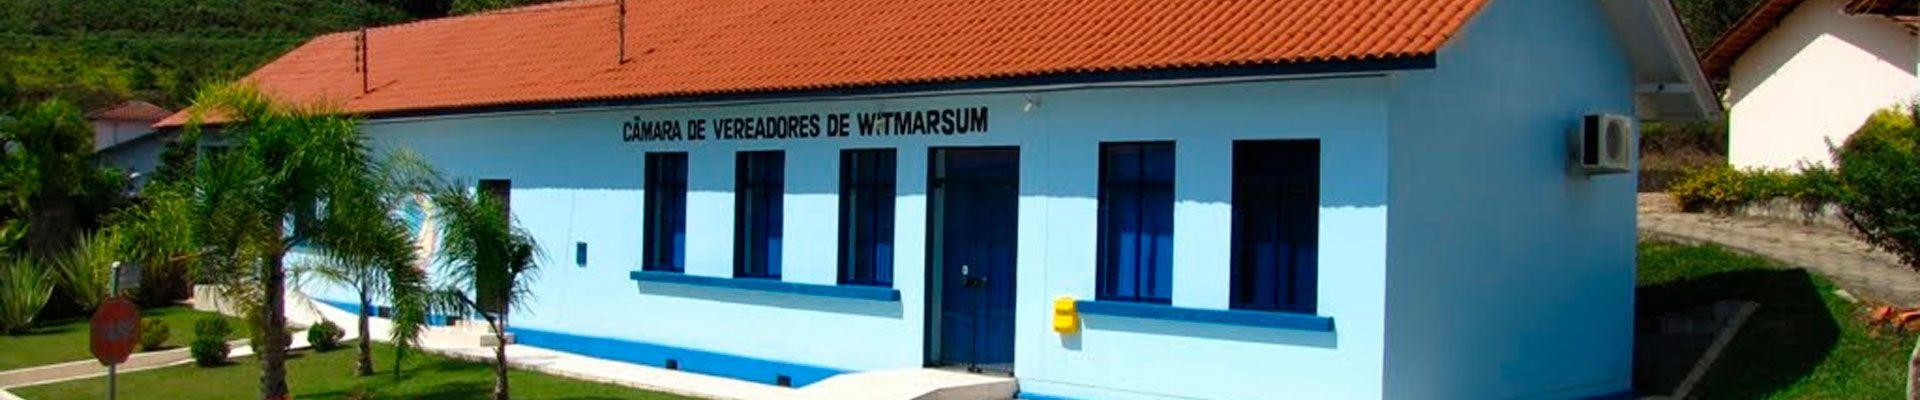 Câmara de Vereadores de Witmarsum